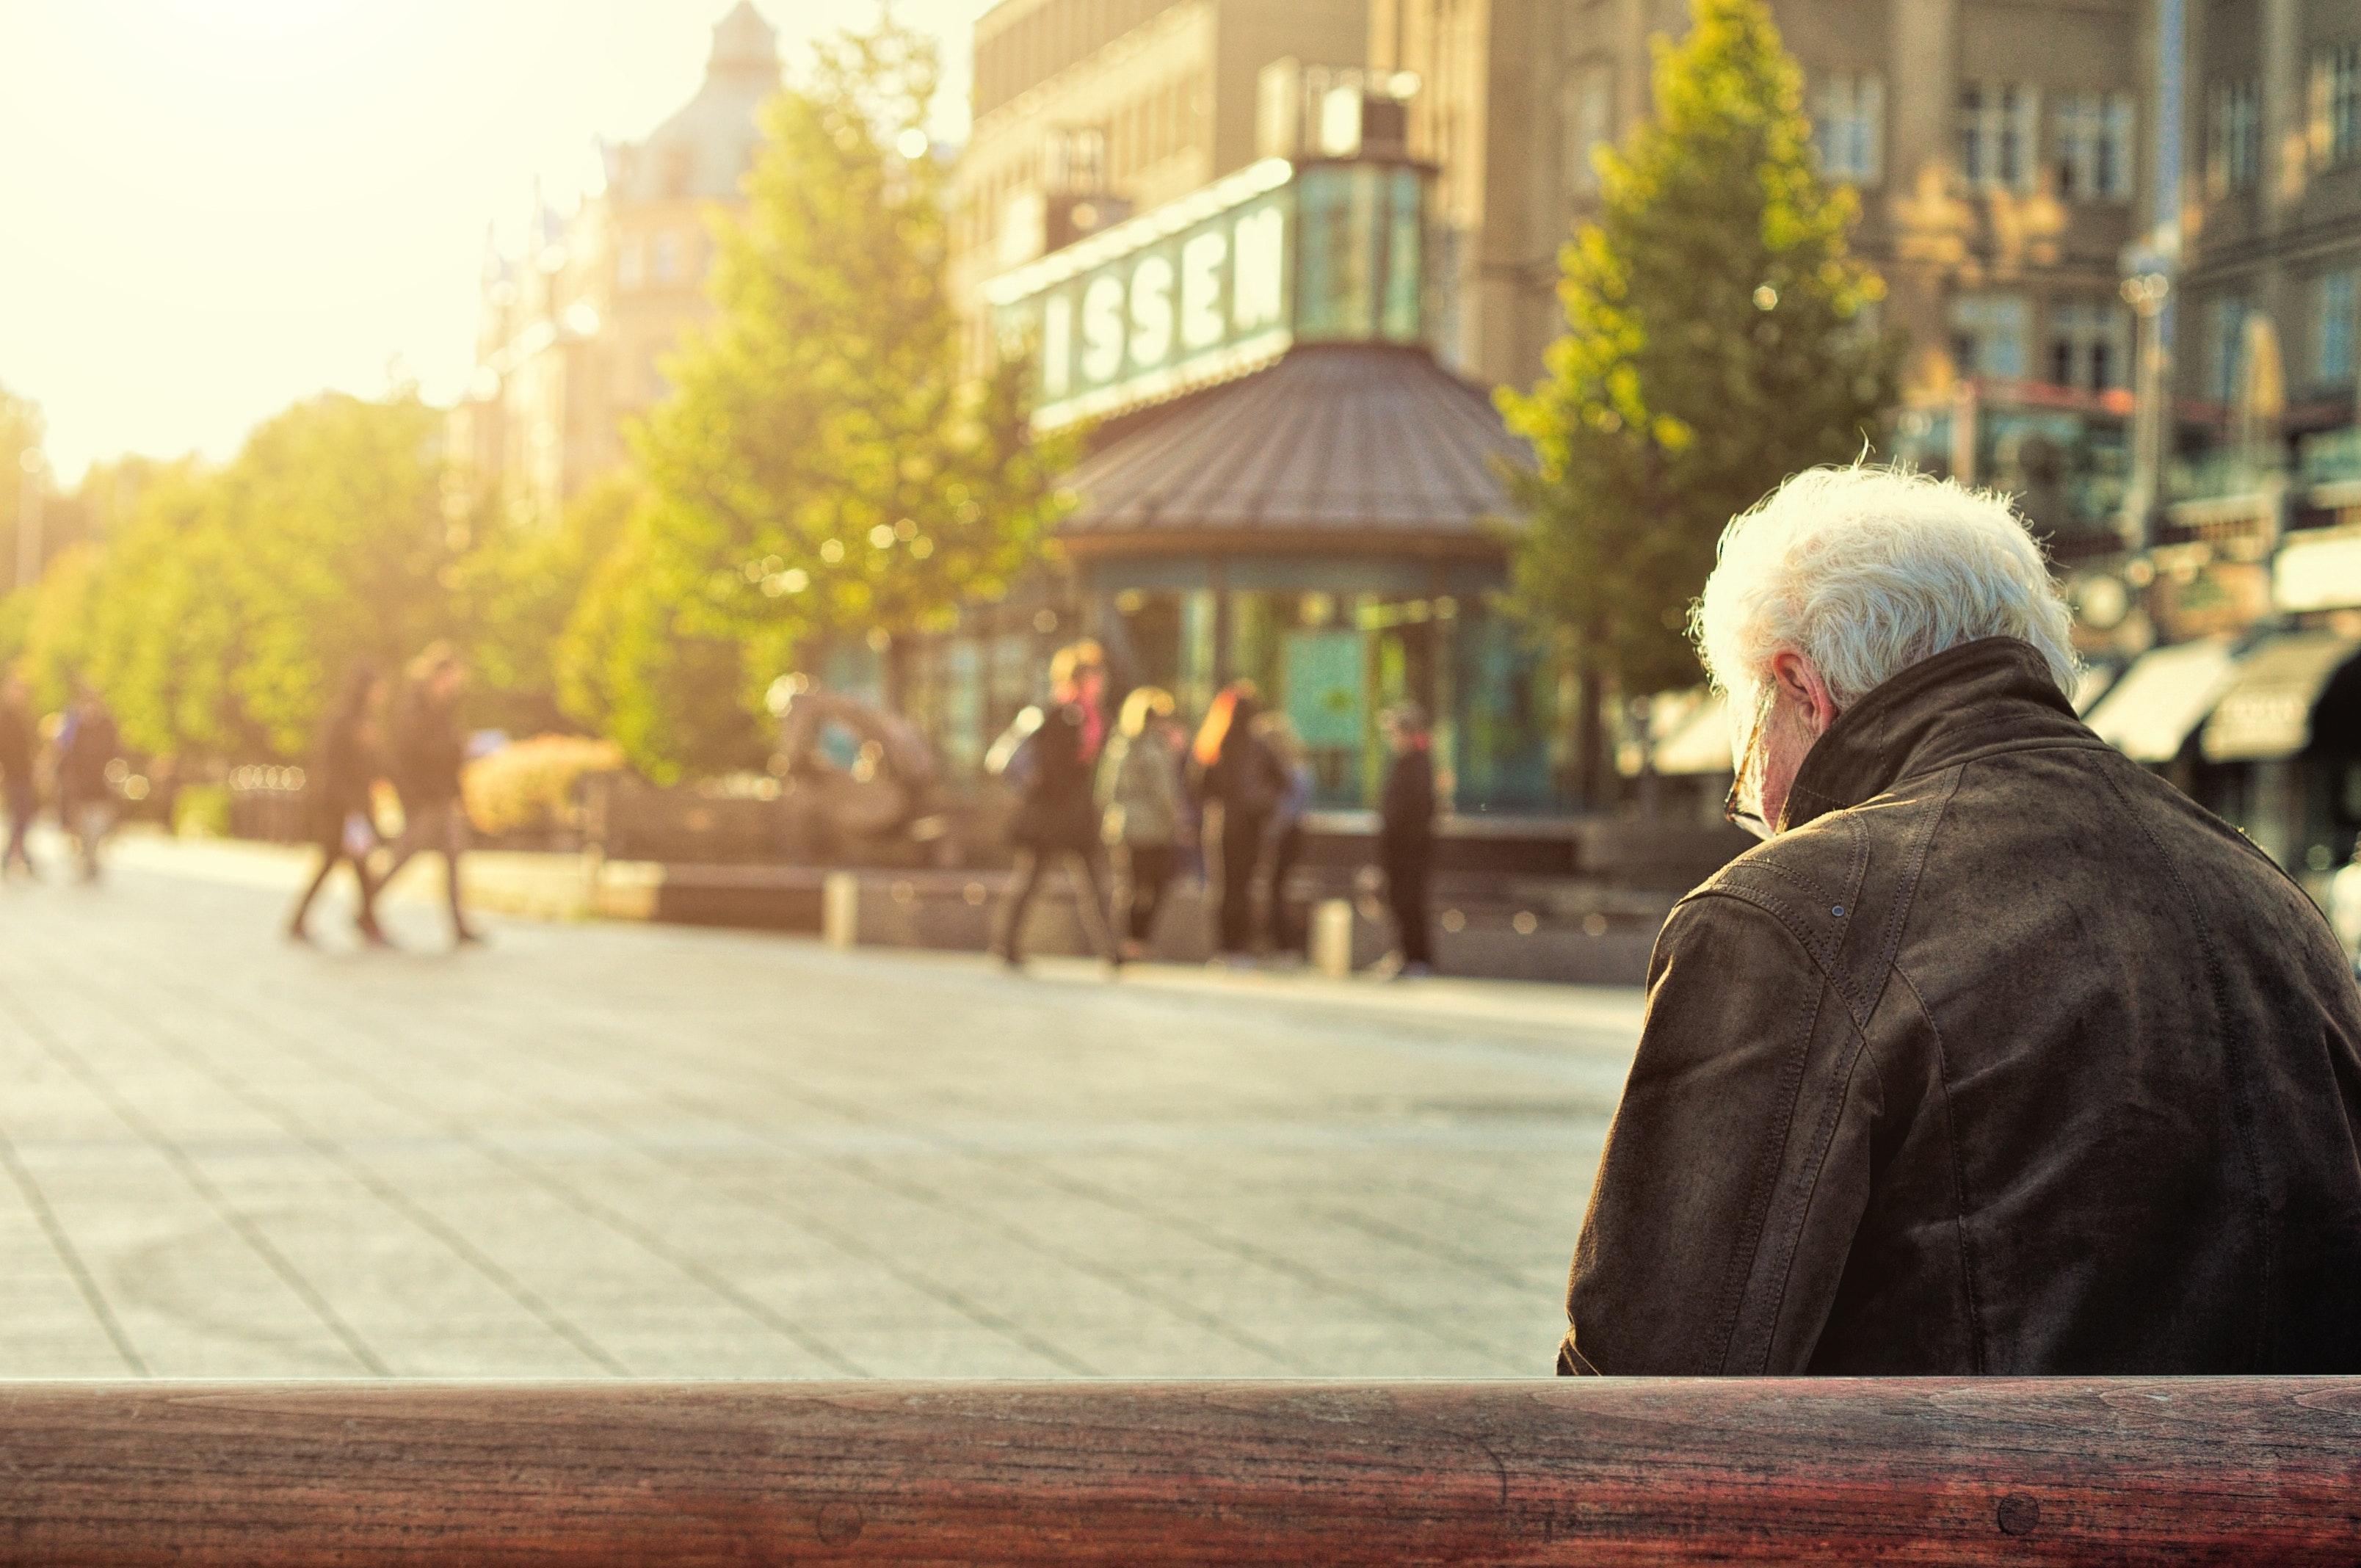 Osiągnięcie wieku emerytalnego a dalsze zatrudnienie - zdjęcie